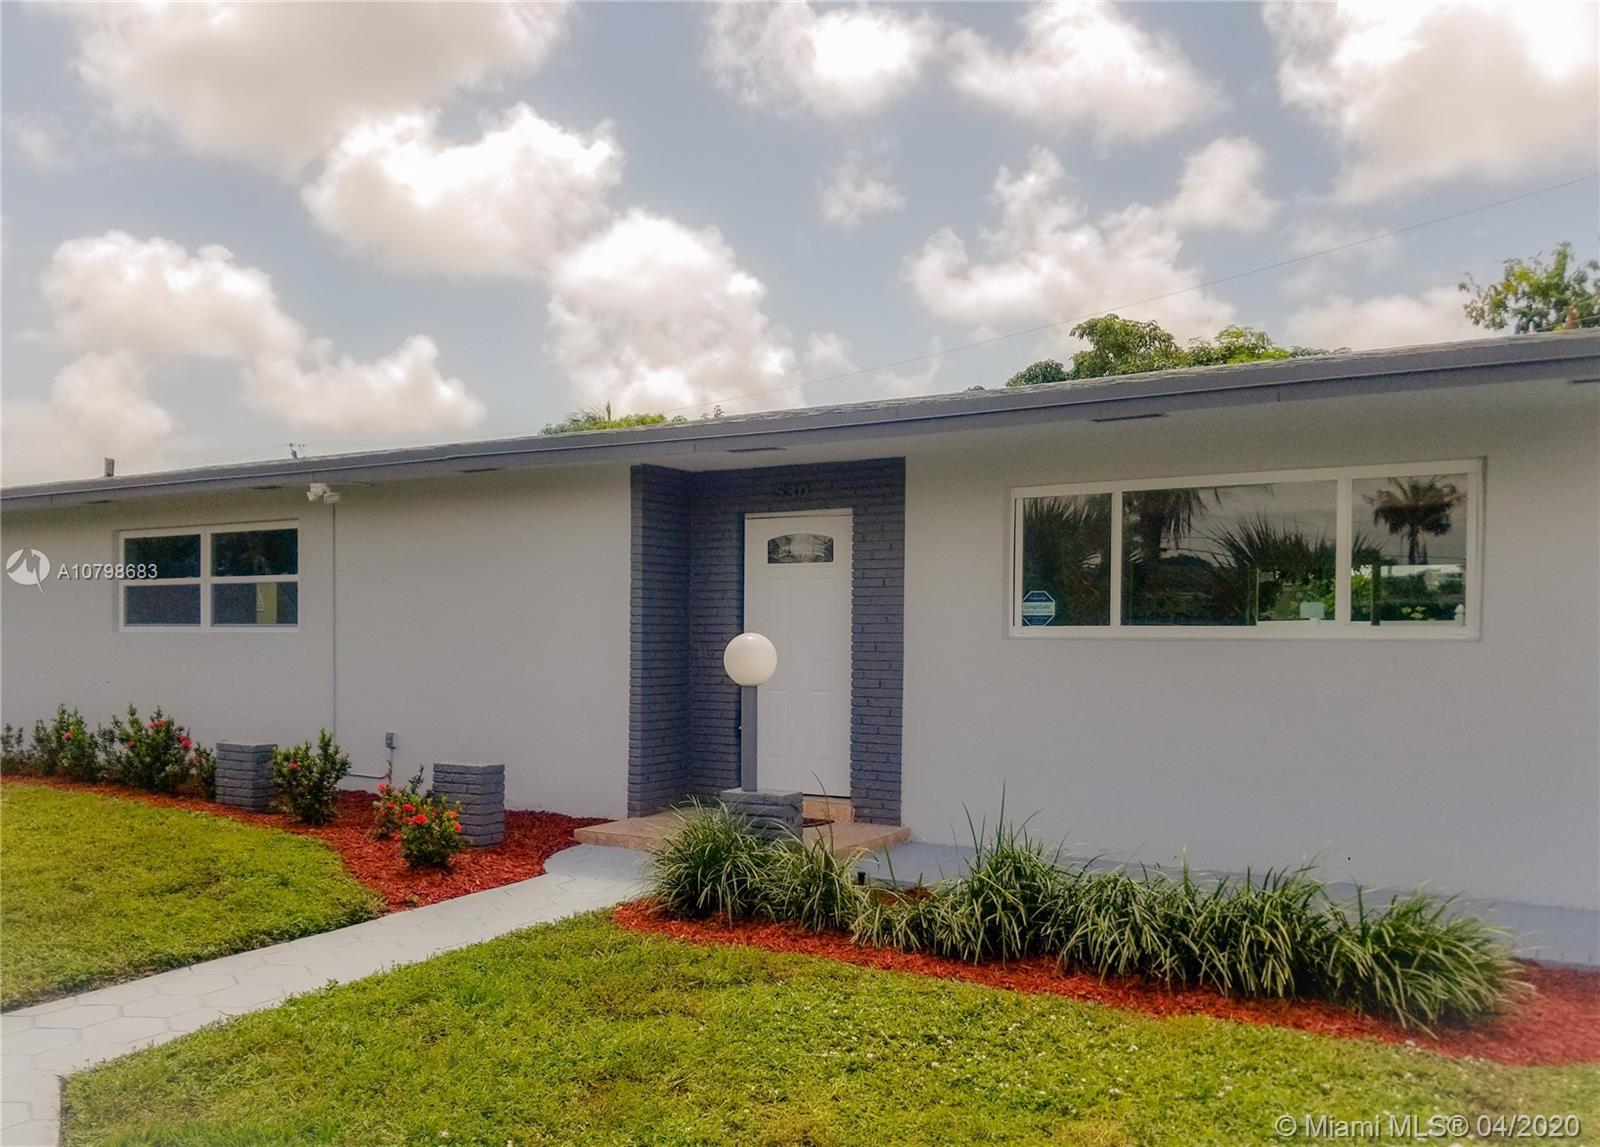 530 NE 179th Dr, Miami Shores, Florida